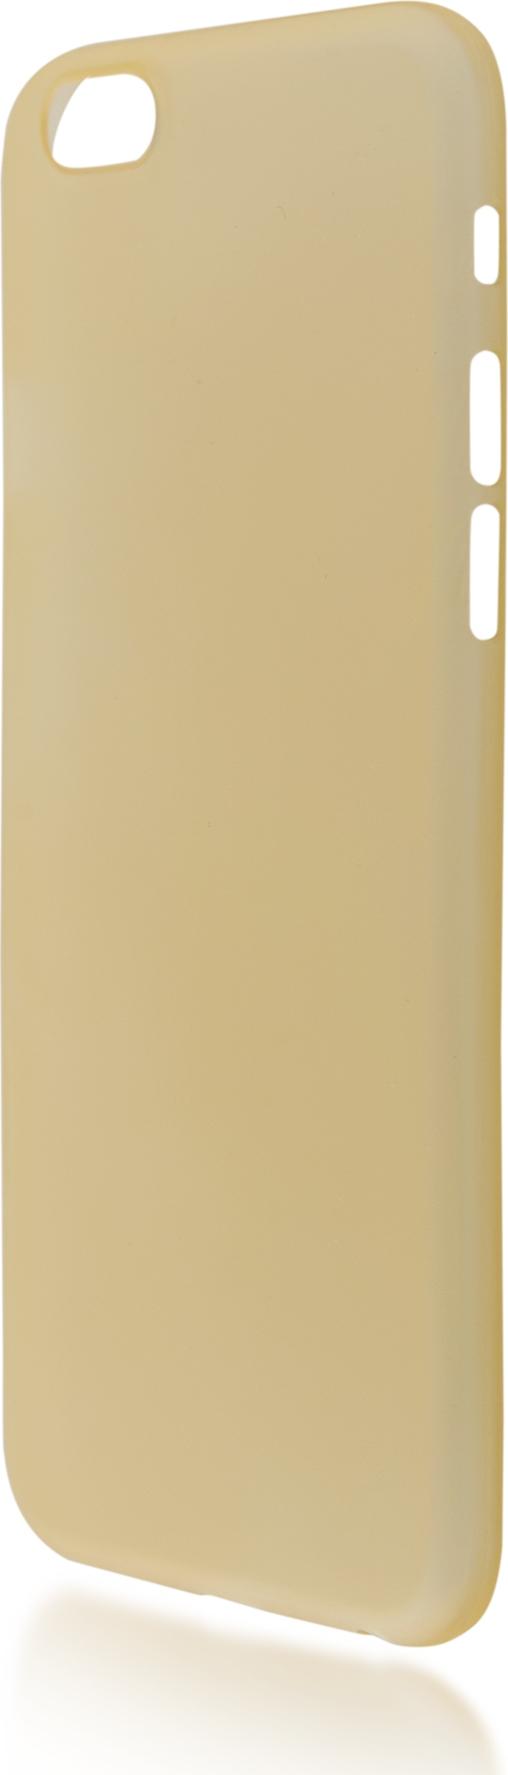 Чехол Brosco SuperSlim для Apple iPhone 6 Plus, оранжевый чехол для сотового телефона brosco superslim для iphone 6 plus ip6p pp superslim blue голубой